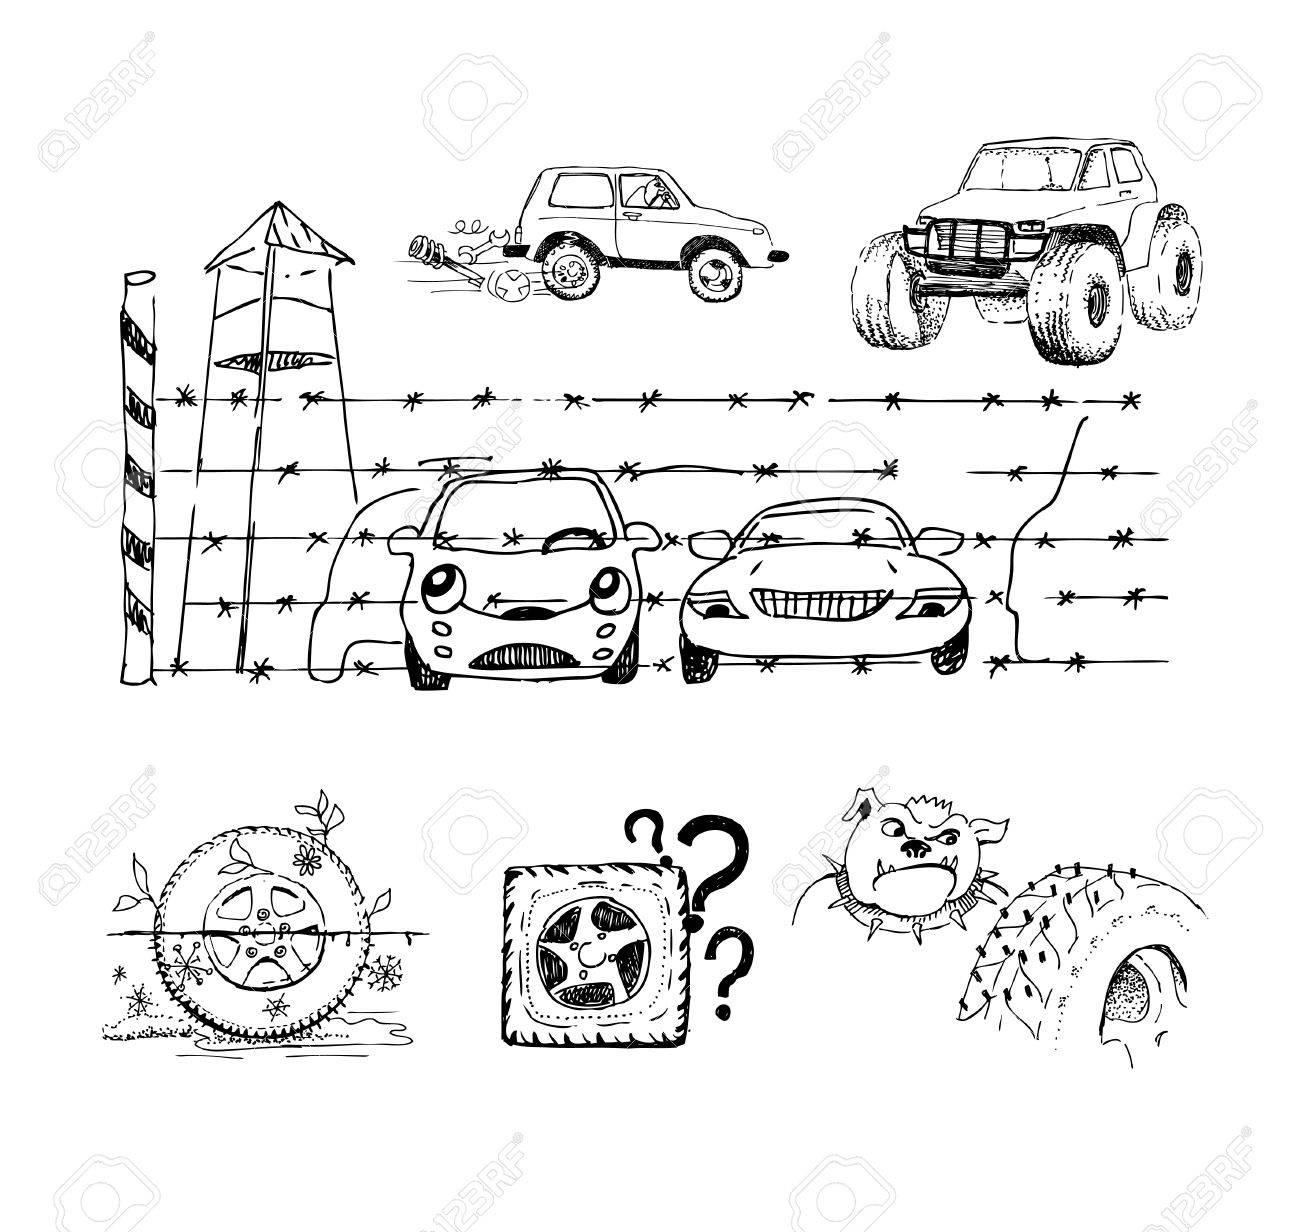 Lustige Skizzen über Autos, Räder Und Deren Zubehör Lizenzfrei ...